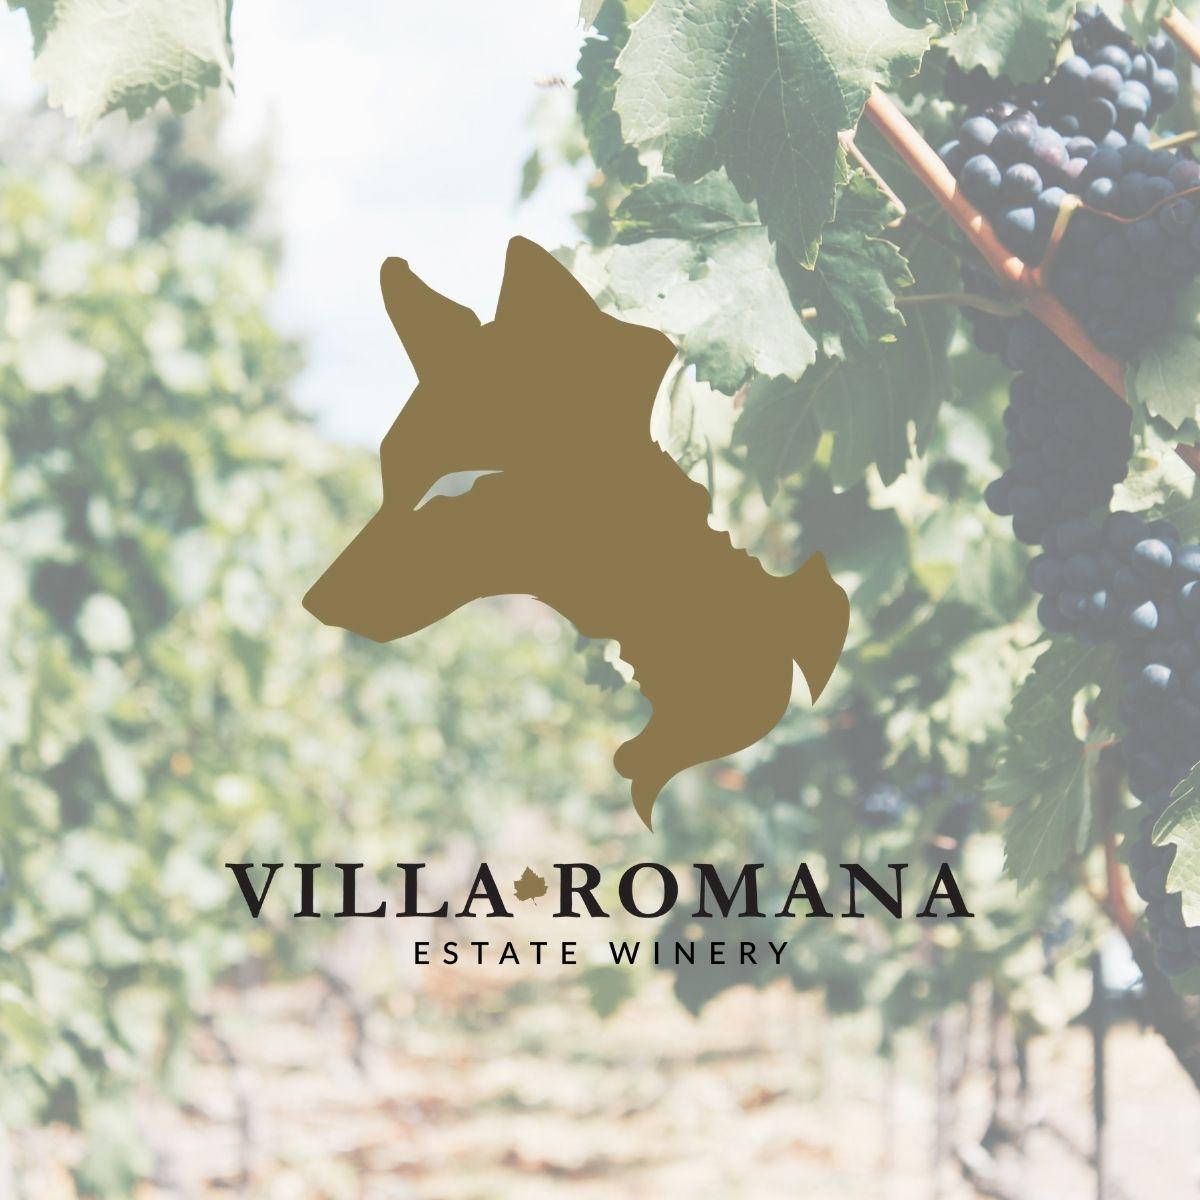 Villa Romana Estate Winery Logo hovering over a blurred image of rows of dark purple grape vines.